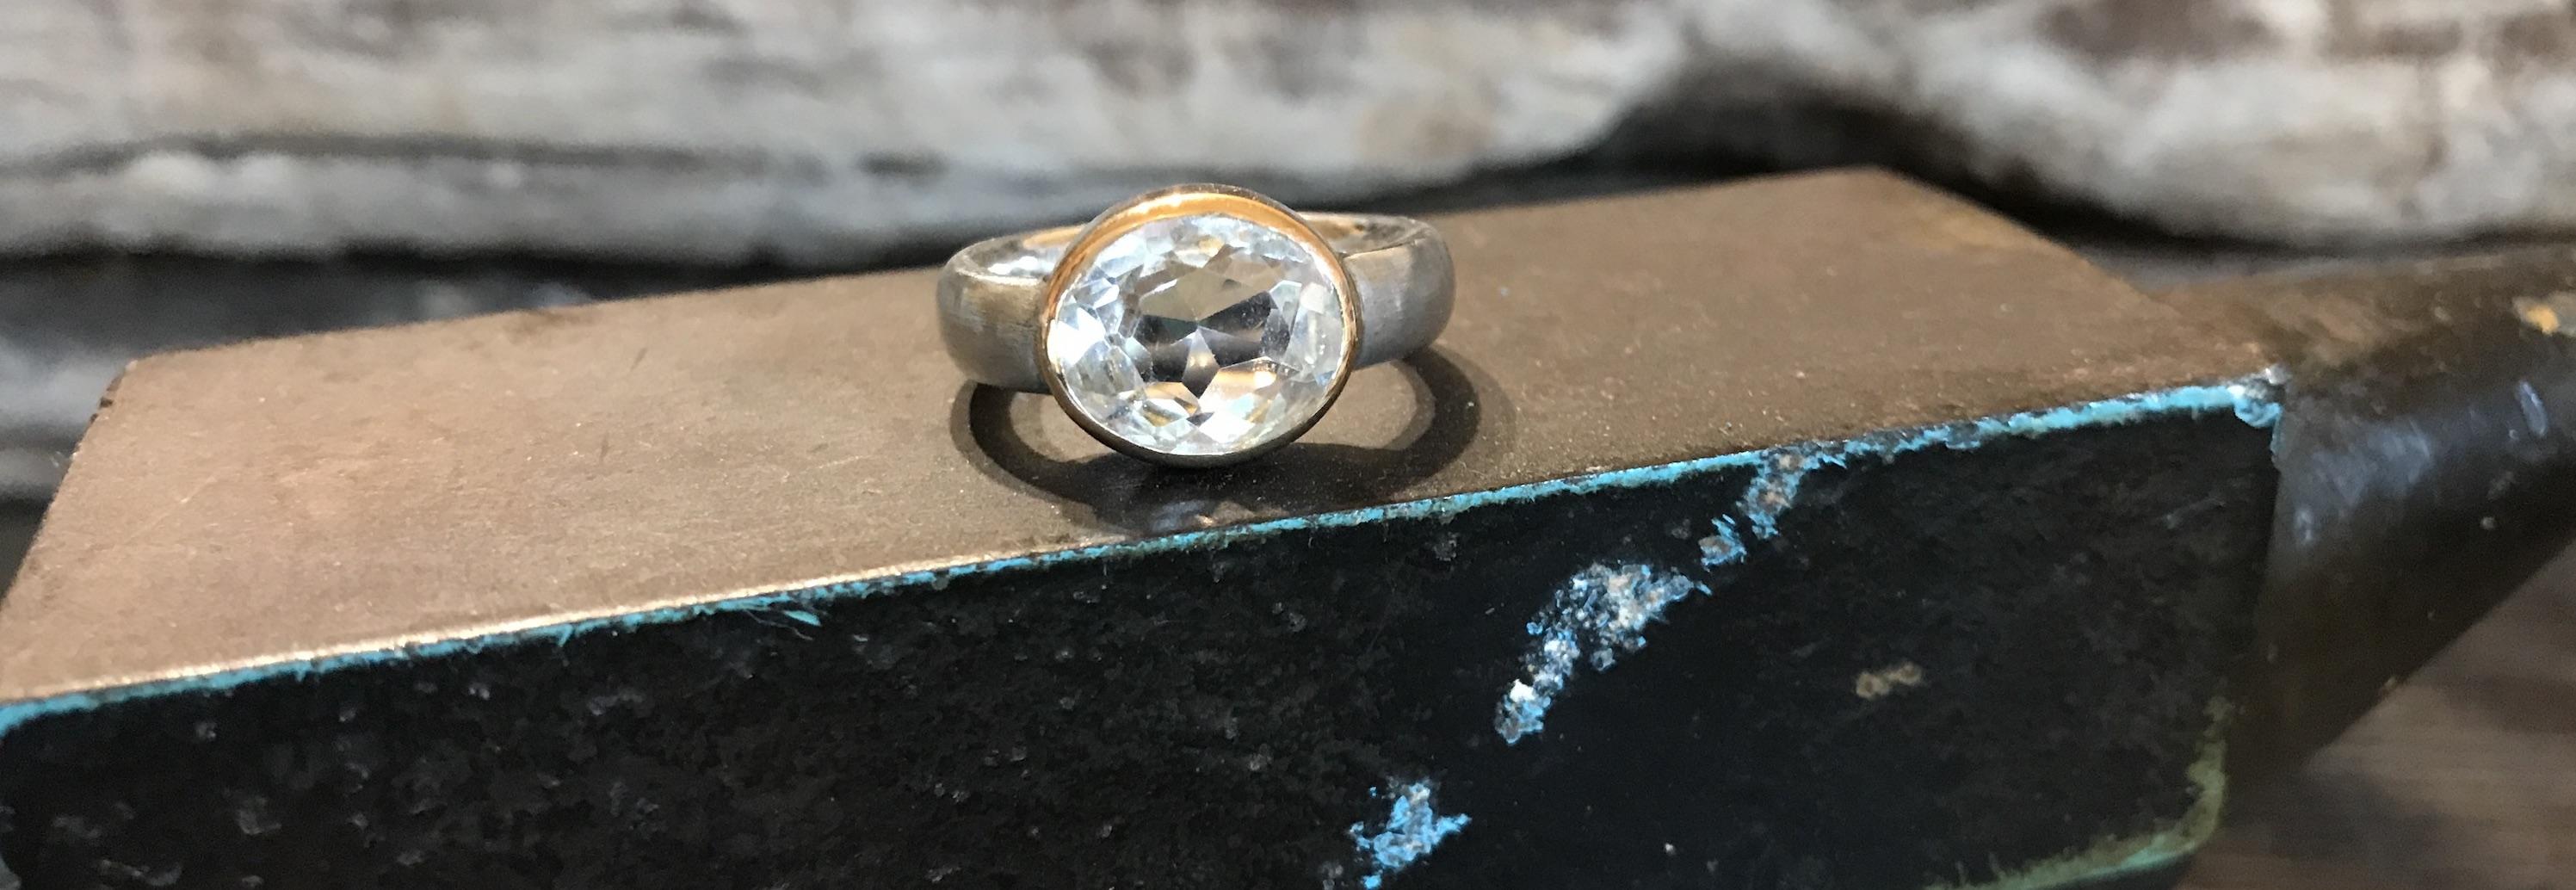 Bergkristall in 750er Gold